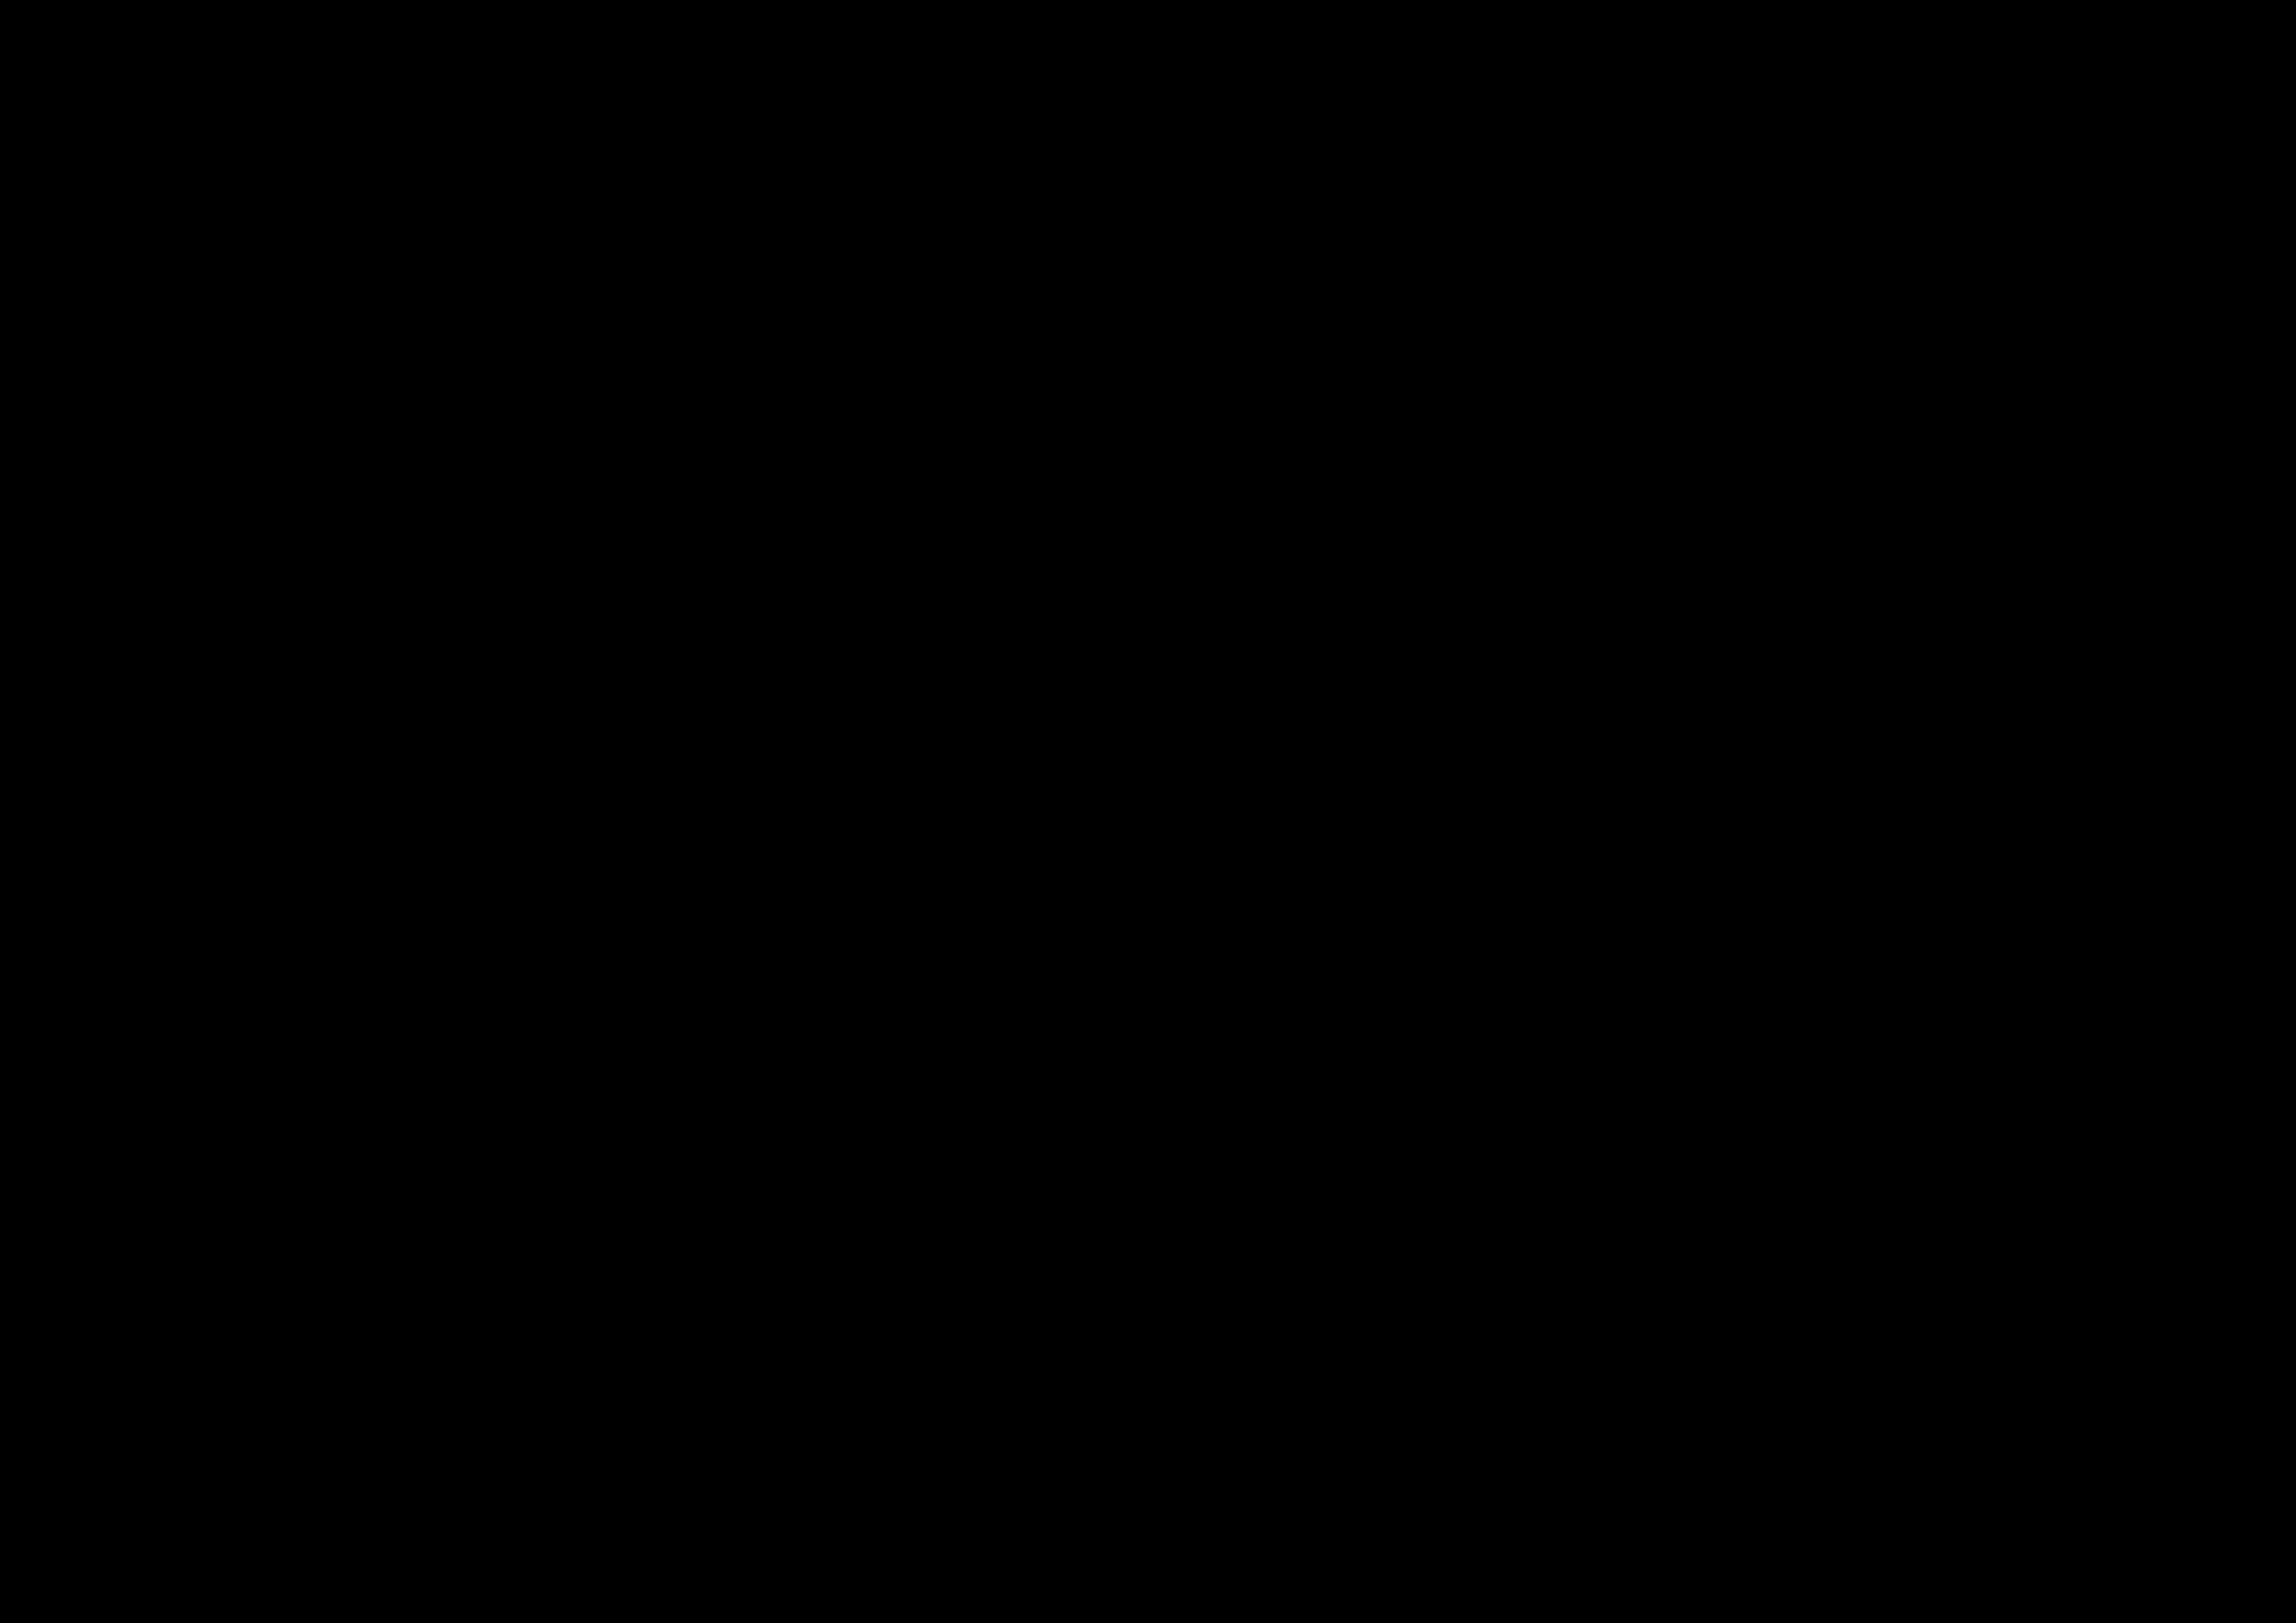 Terminale tma agencement d 39 une salle informatique for Ecole des metiers du meuble